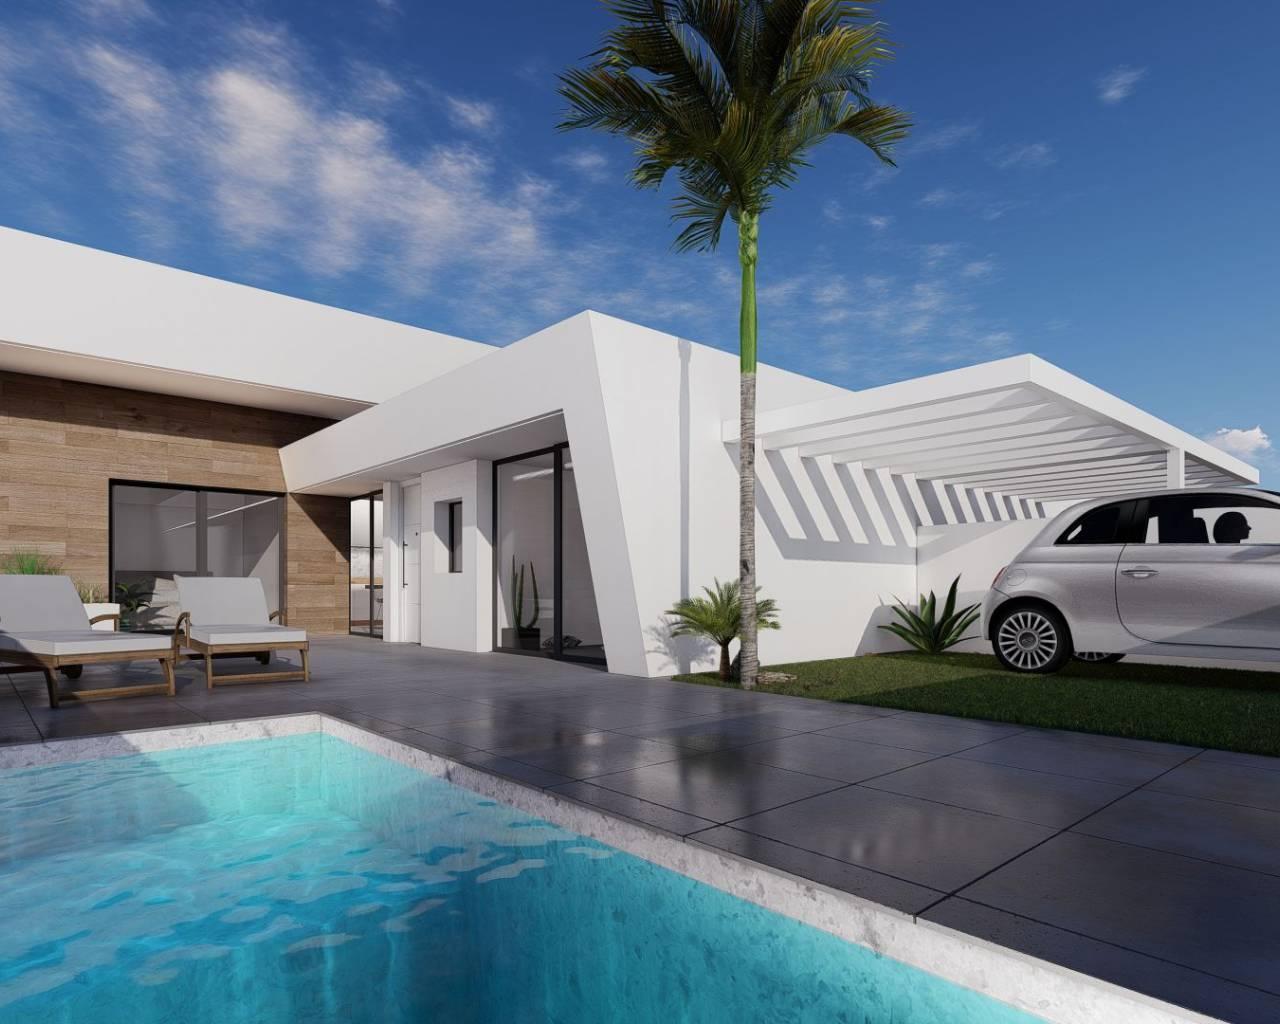 nieuwbouw-half-vrijstaande-villa-roldan_5745_xl